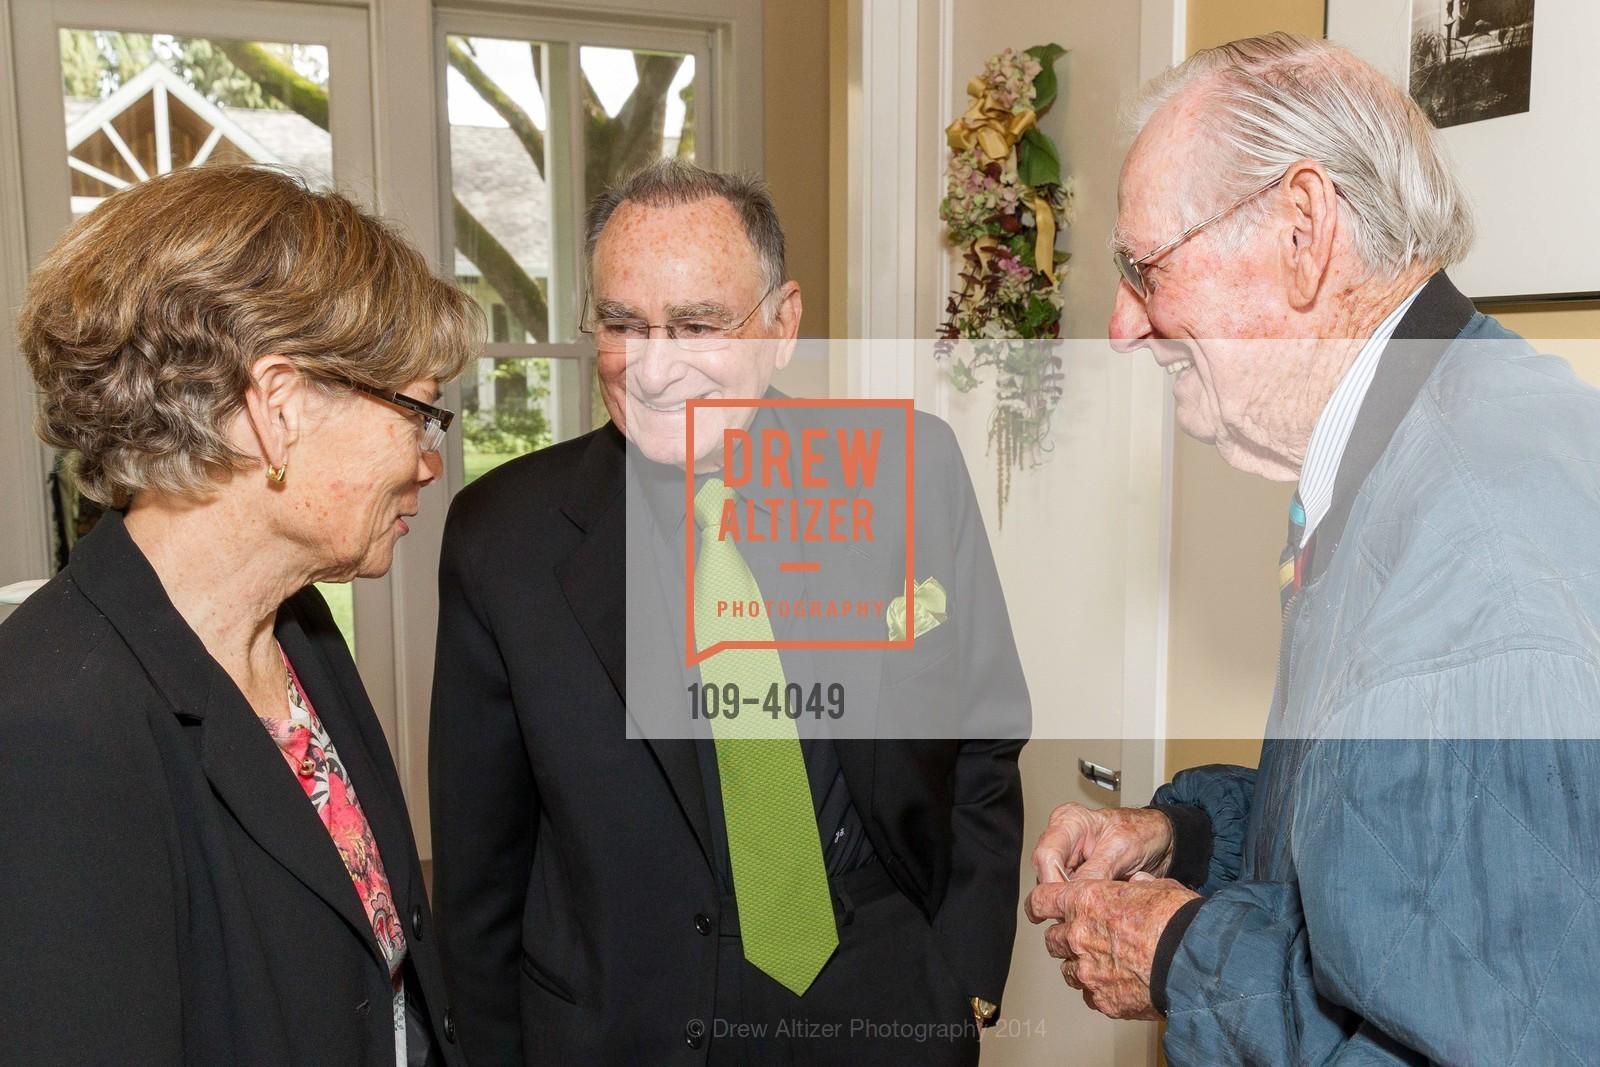 Jan Shrem, Wayne Thiebaud, Photo #109-4049